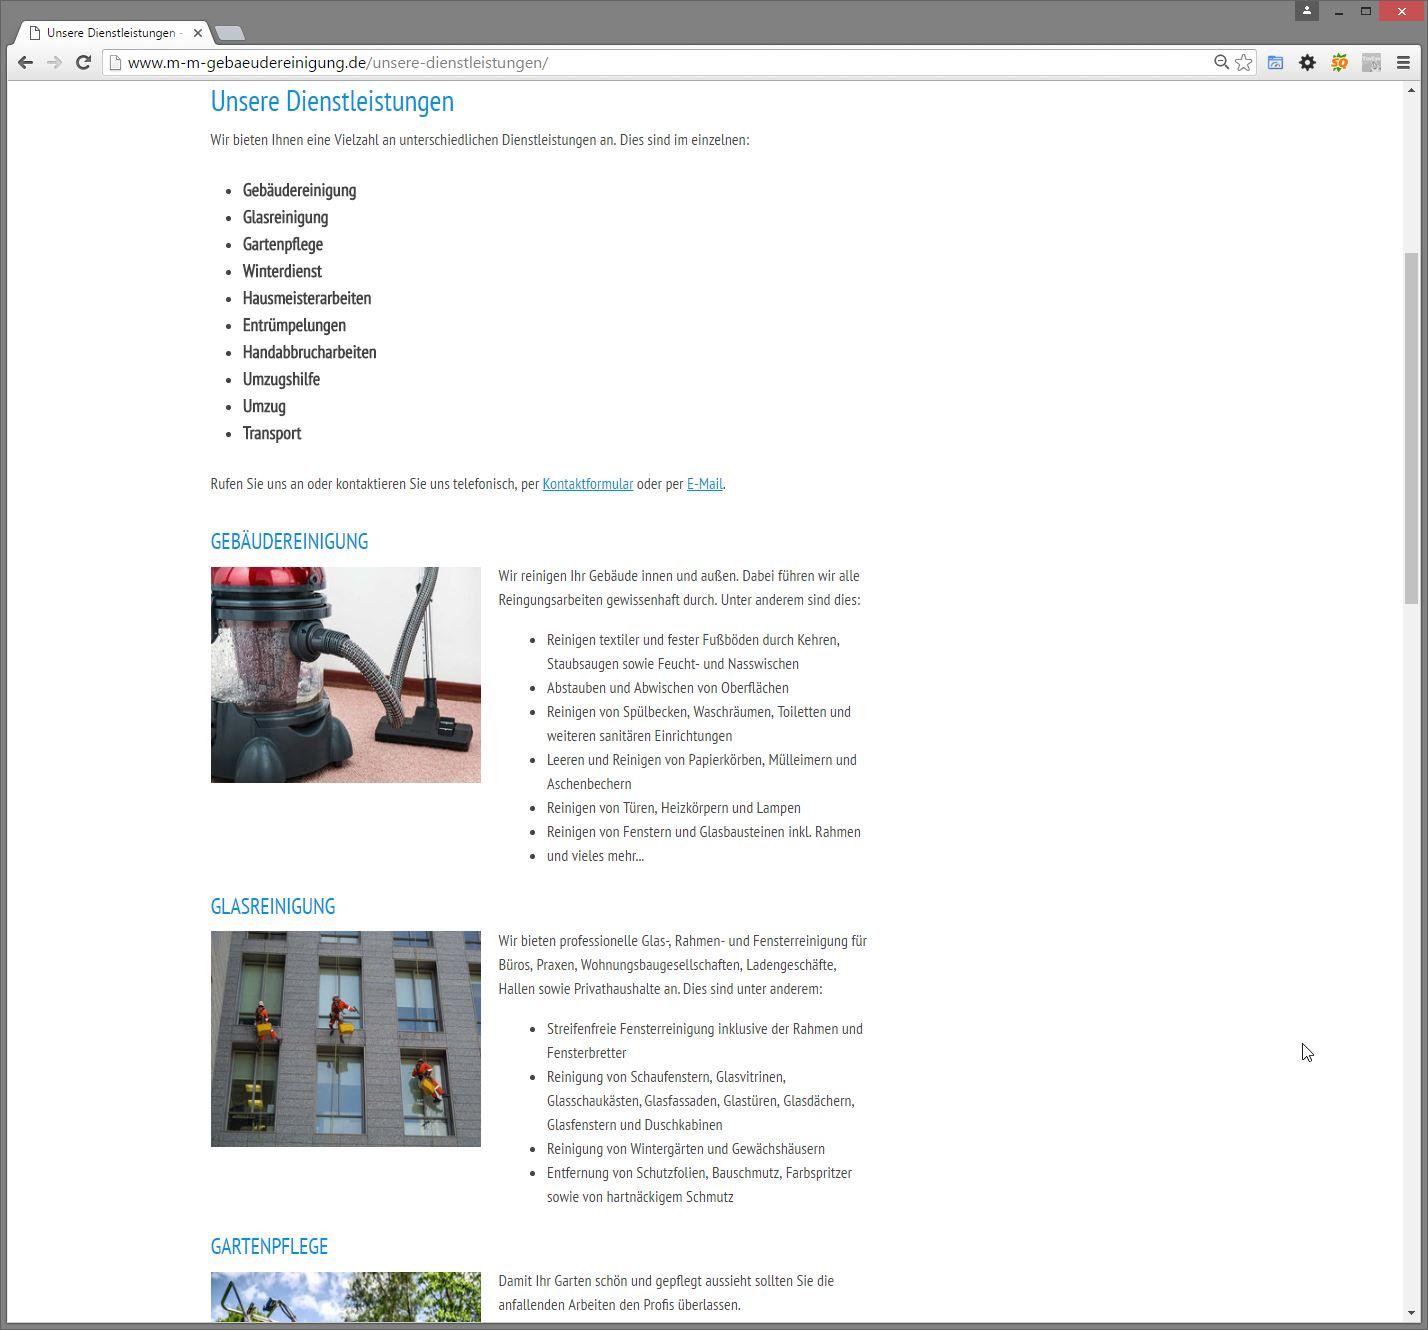 M-M Gebäudereinigung aus Wendlingen – Website überarbeitet